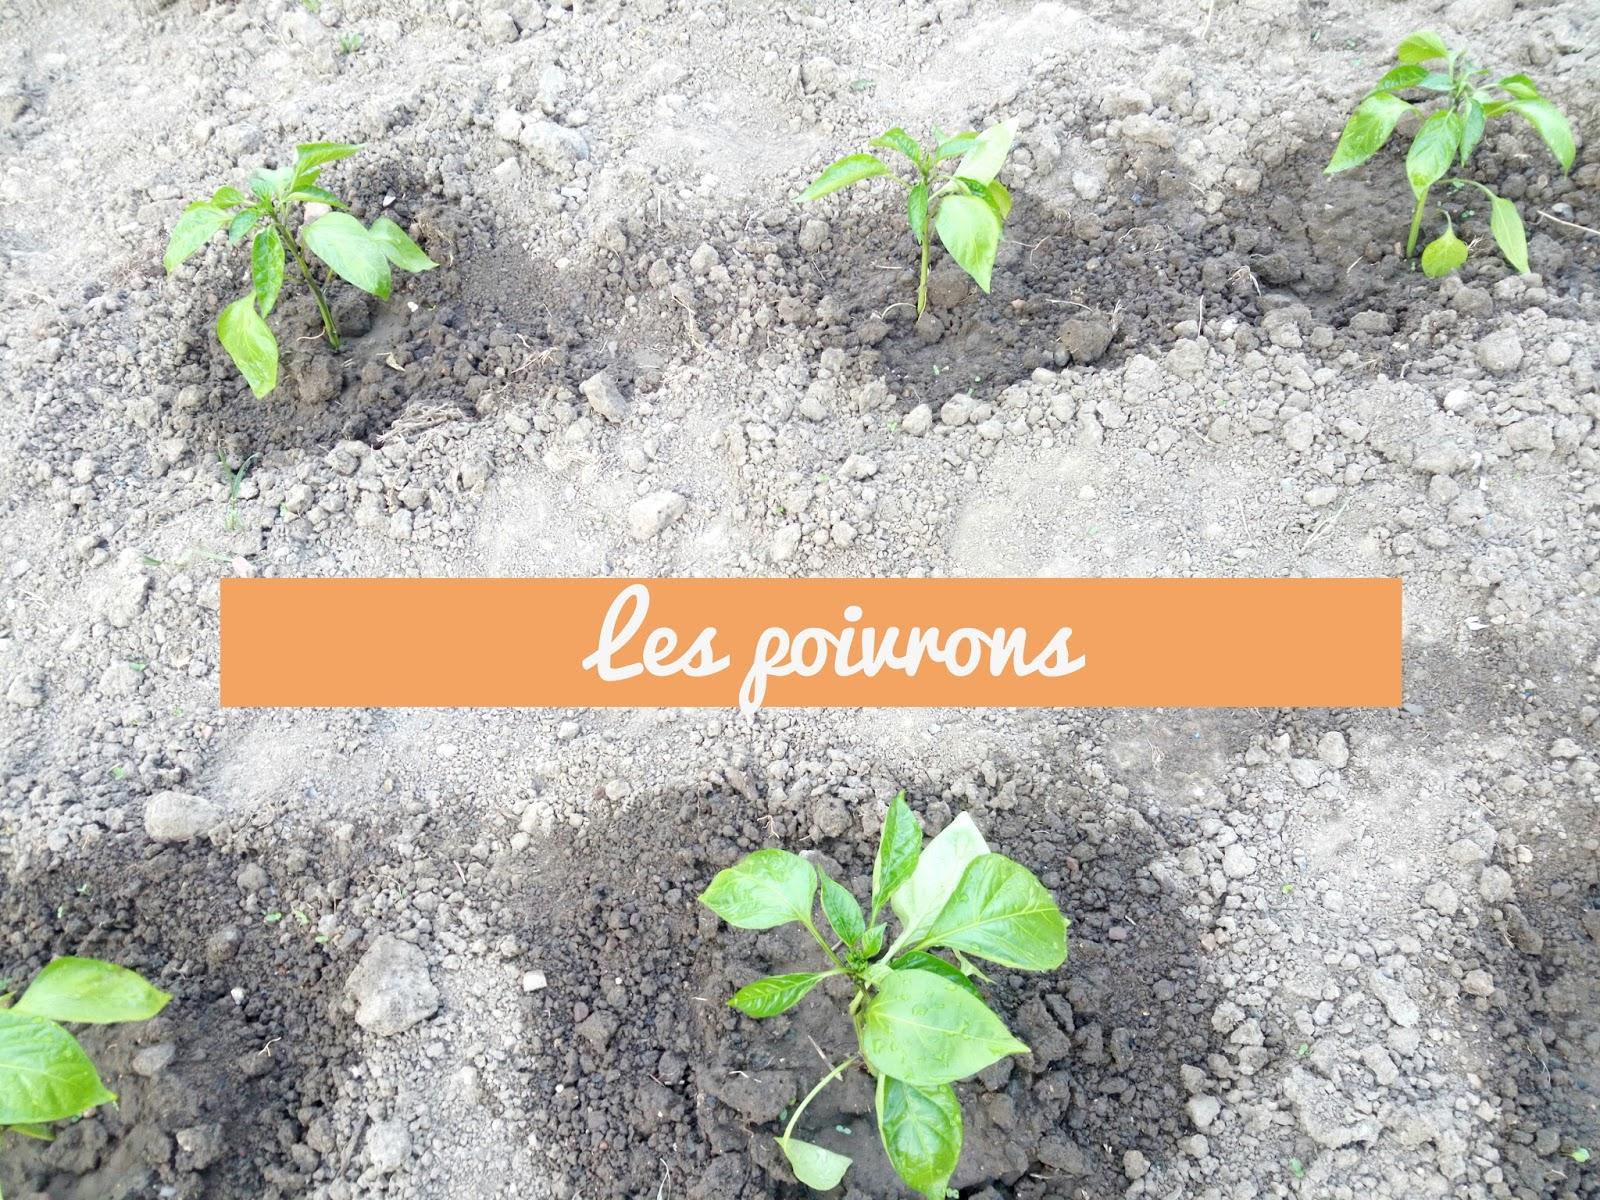 Katy 39 s eats recettes faciles simples et cr atives - Quand planter les poivrons ...